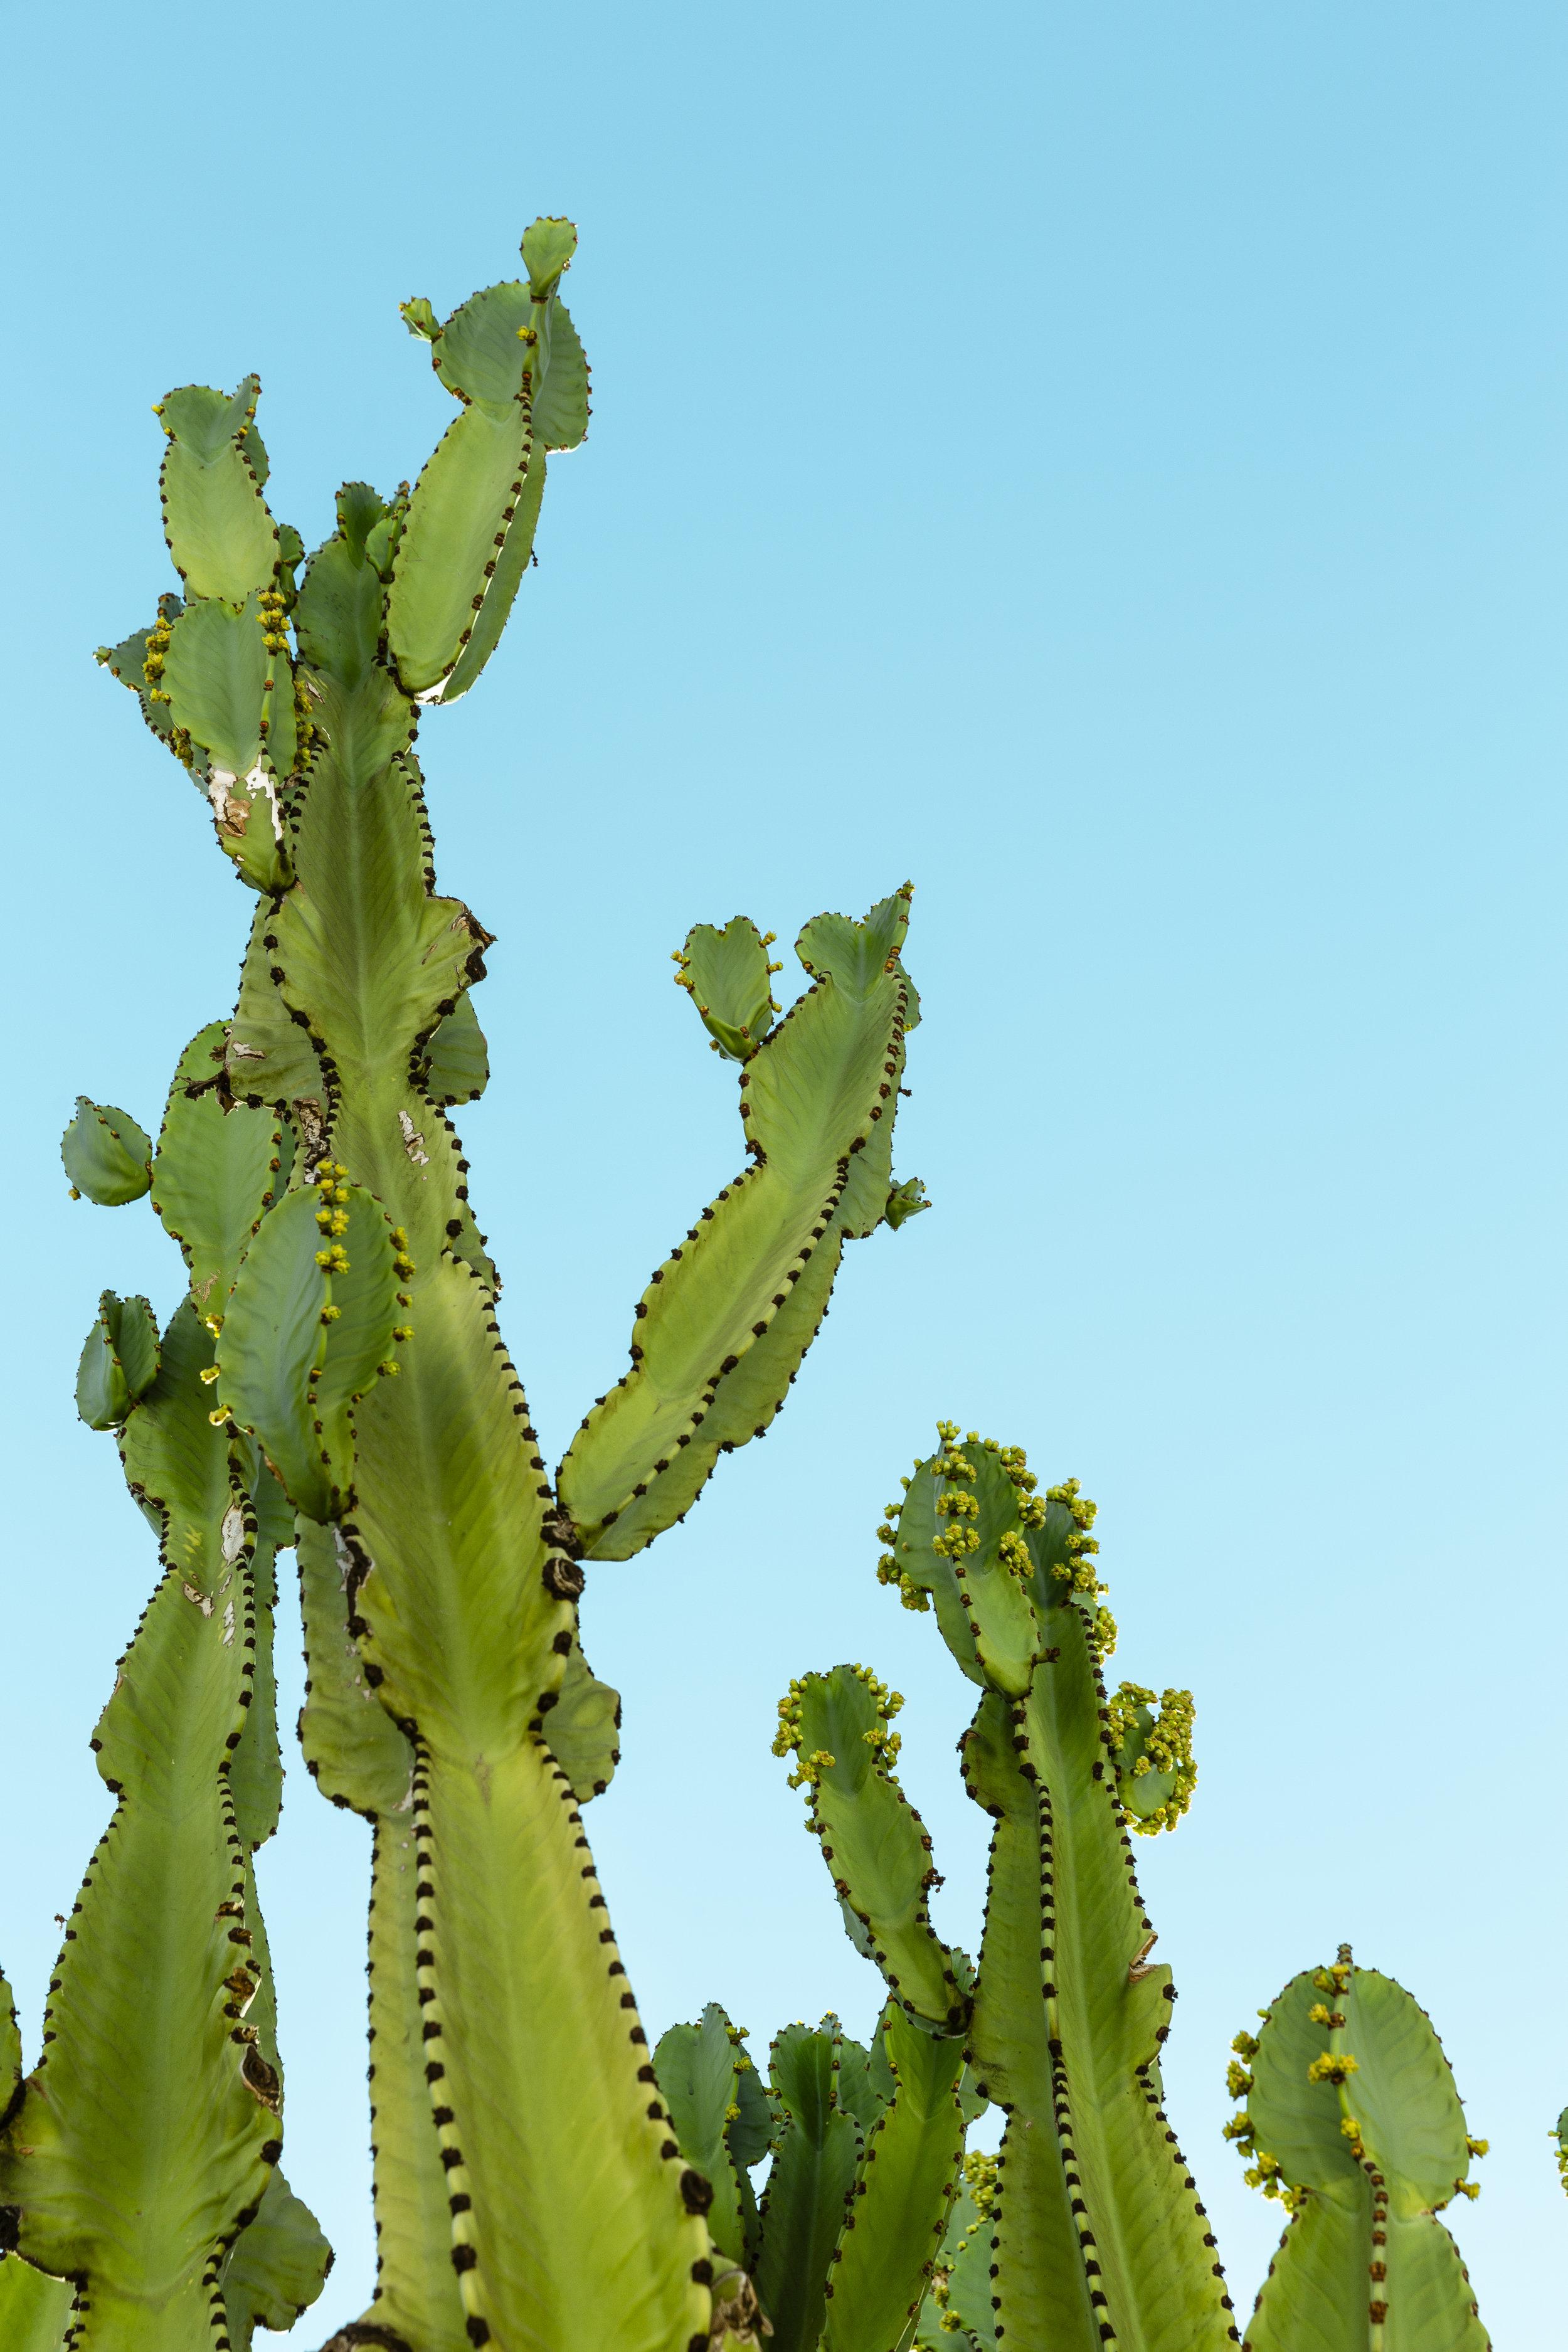 Cactus_01.jpg